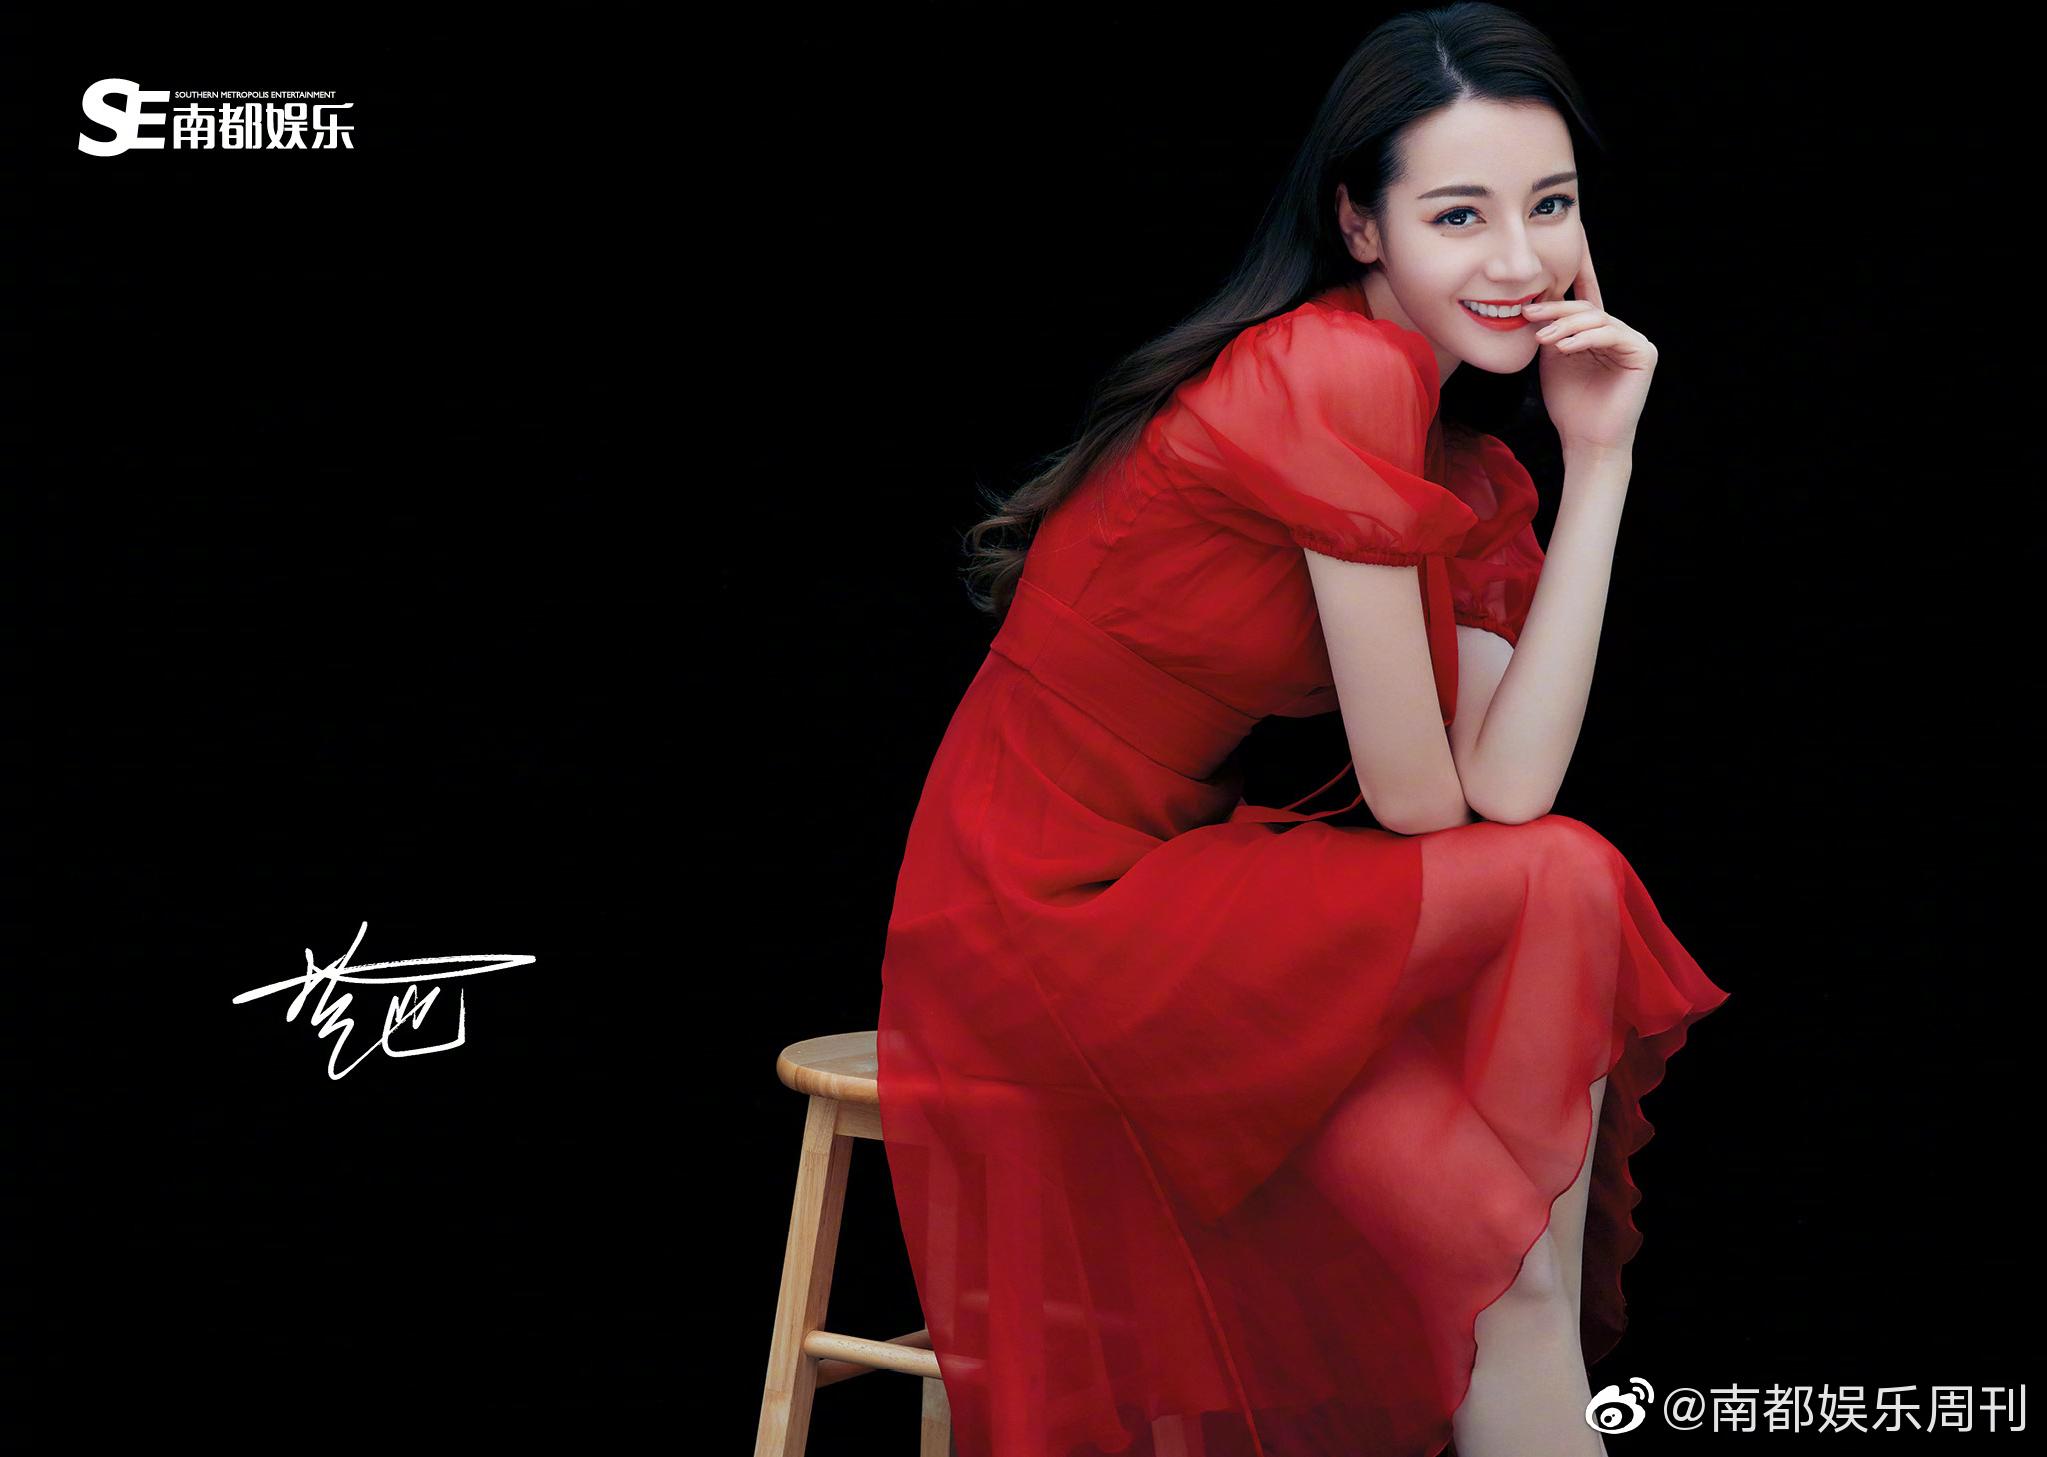 """2 """"tiên nữ"""" tộc người đẹp nhất Trung Quốc: Mỗi người một vẻ mười phân vẹn mười! - 1"""